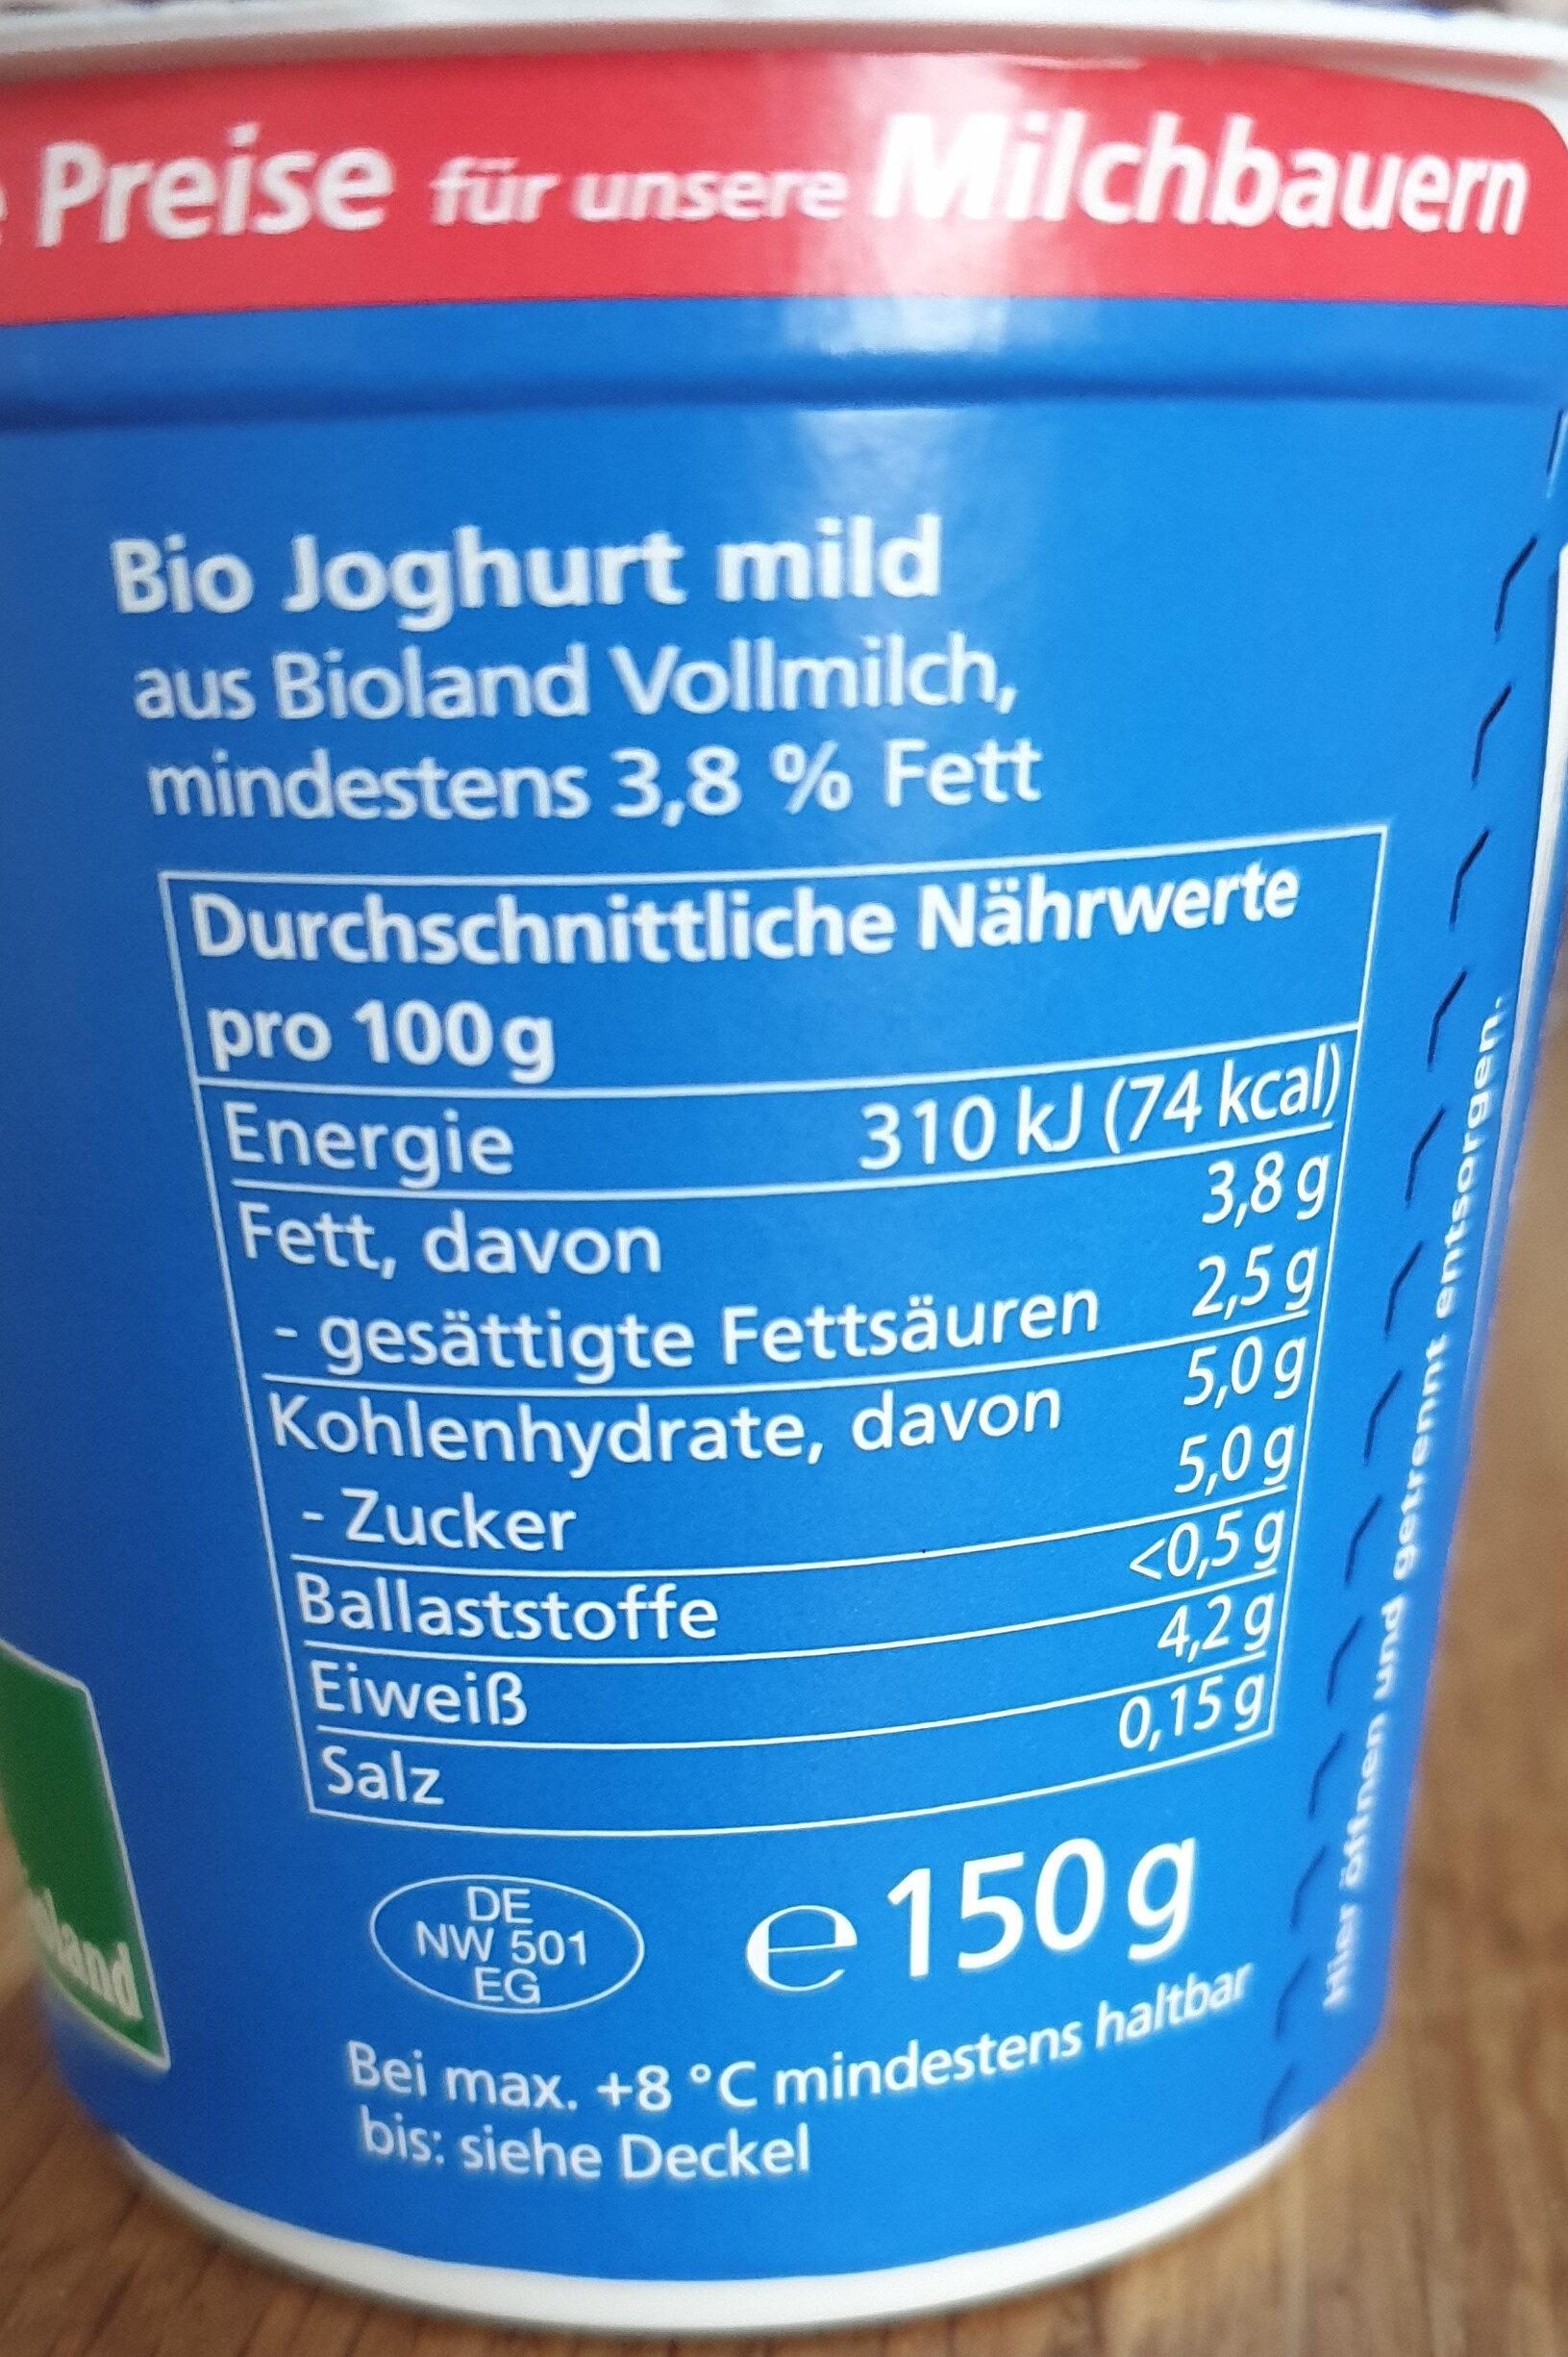 Jogurt mild 3,8 % Fett - Zutaten - de